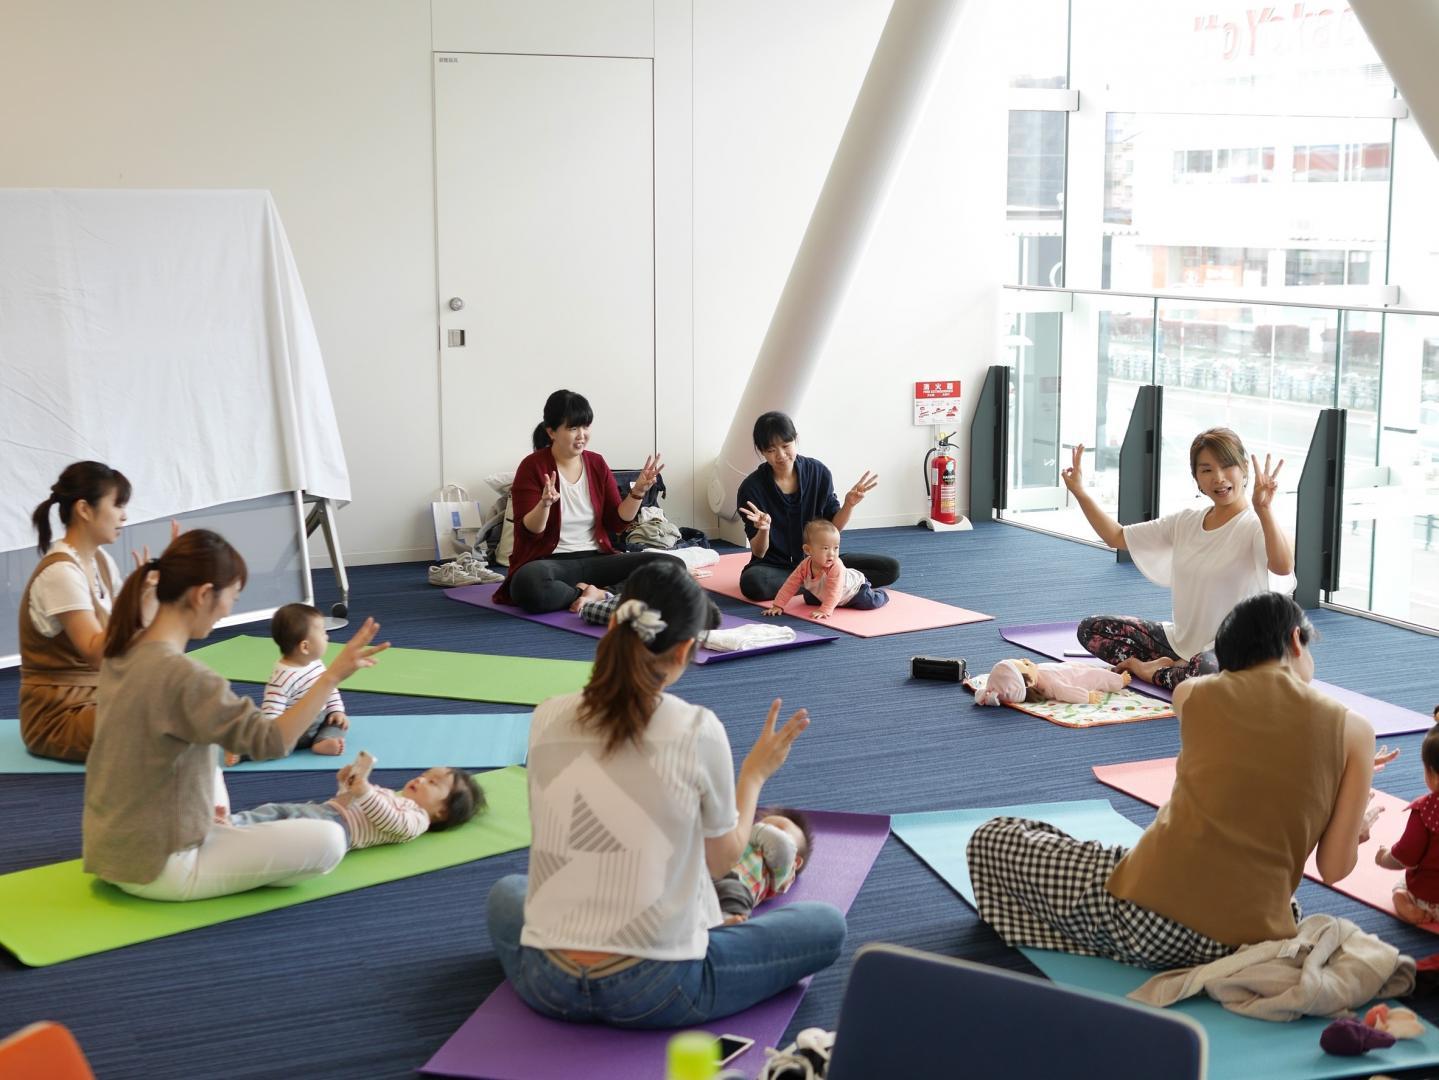 北海道札幌市でおすすめヨガ資格講座【ベビーヨガ …の画像